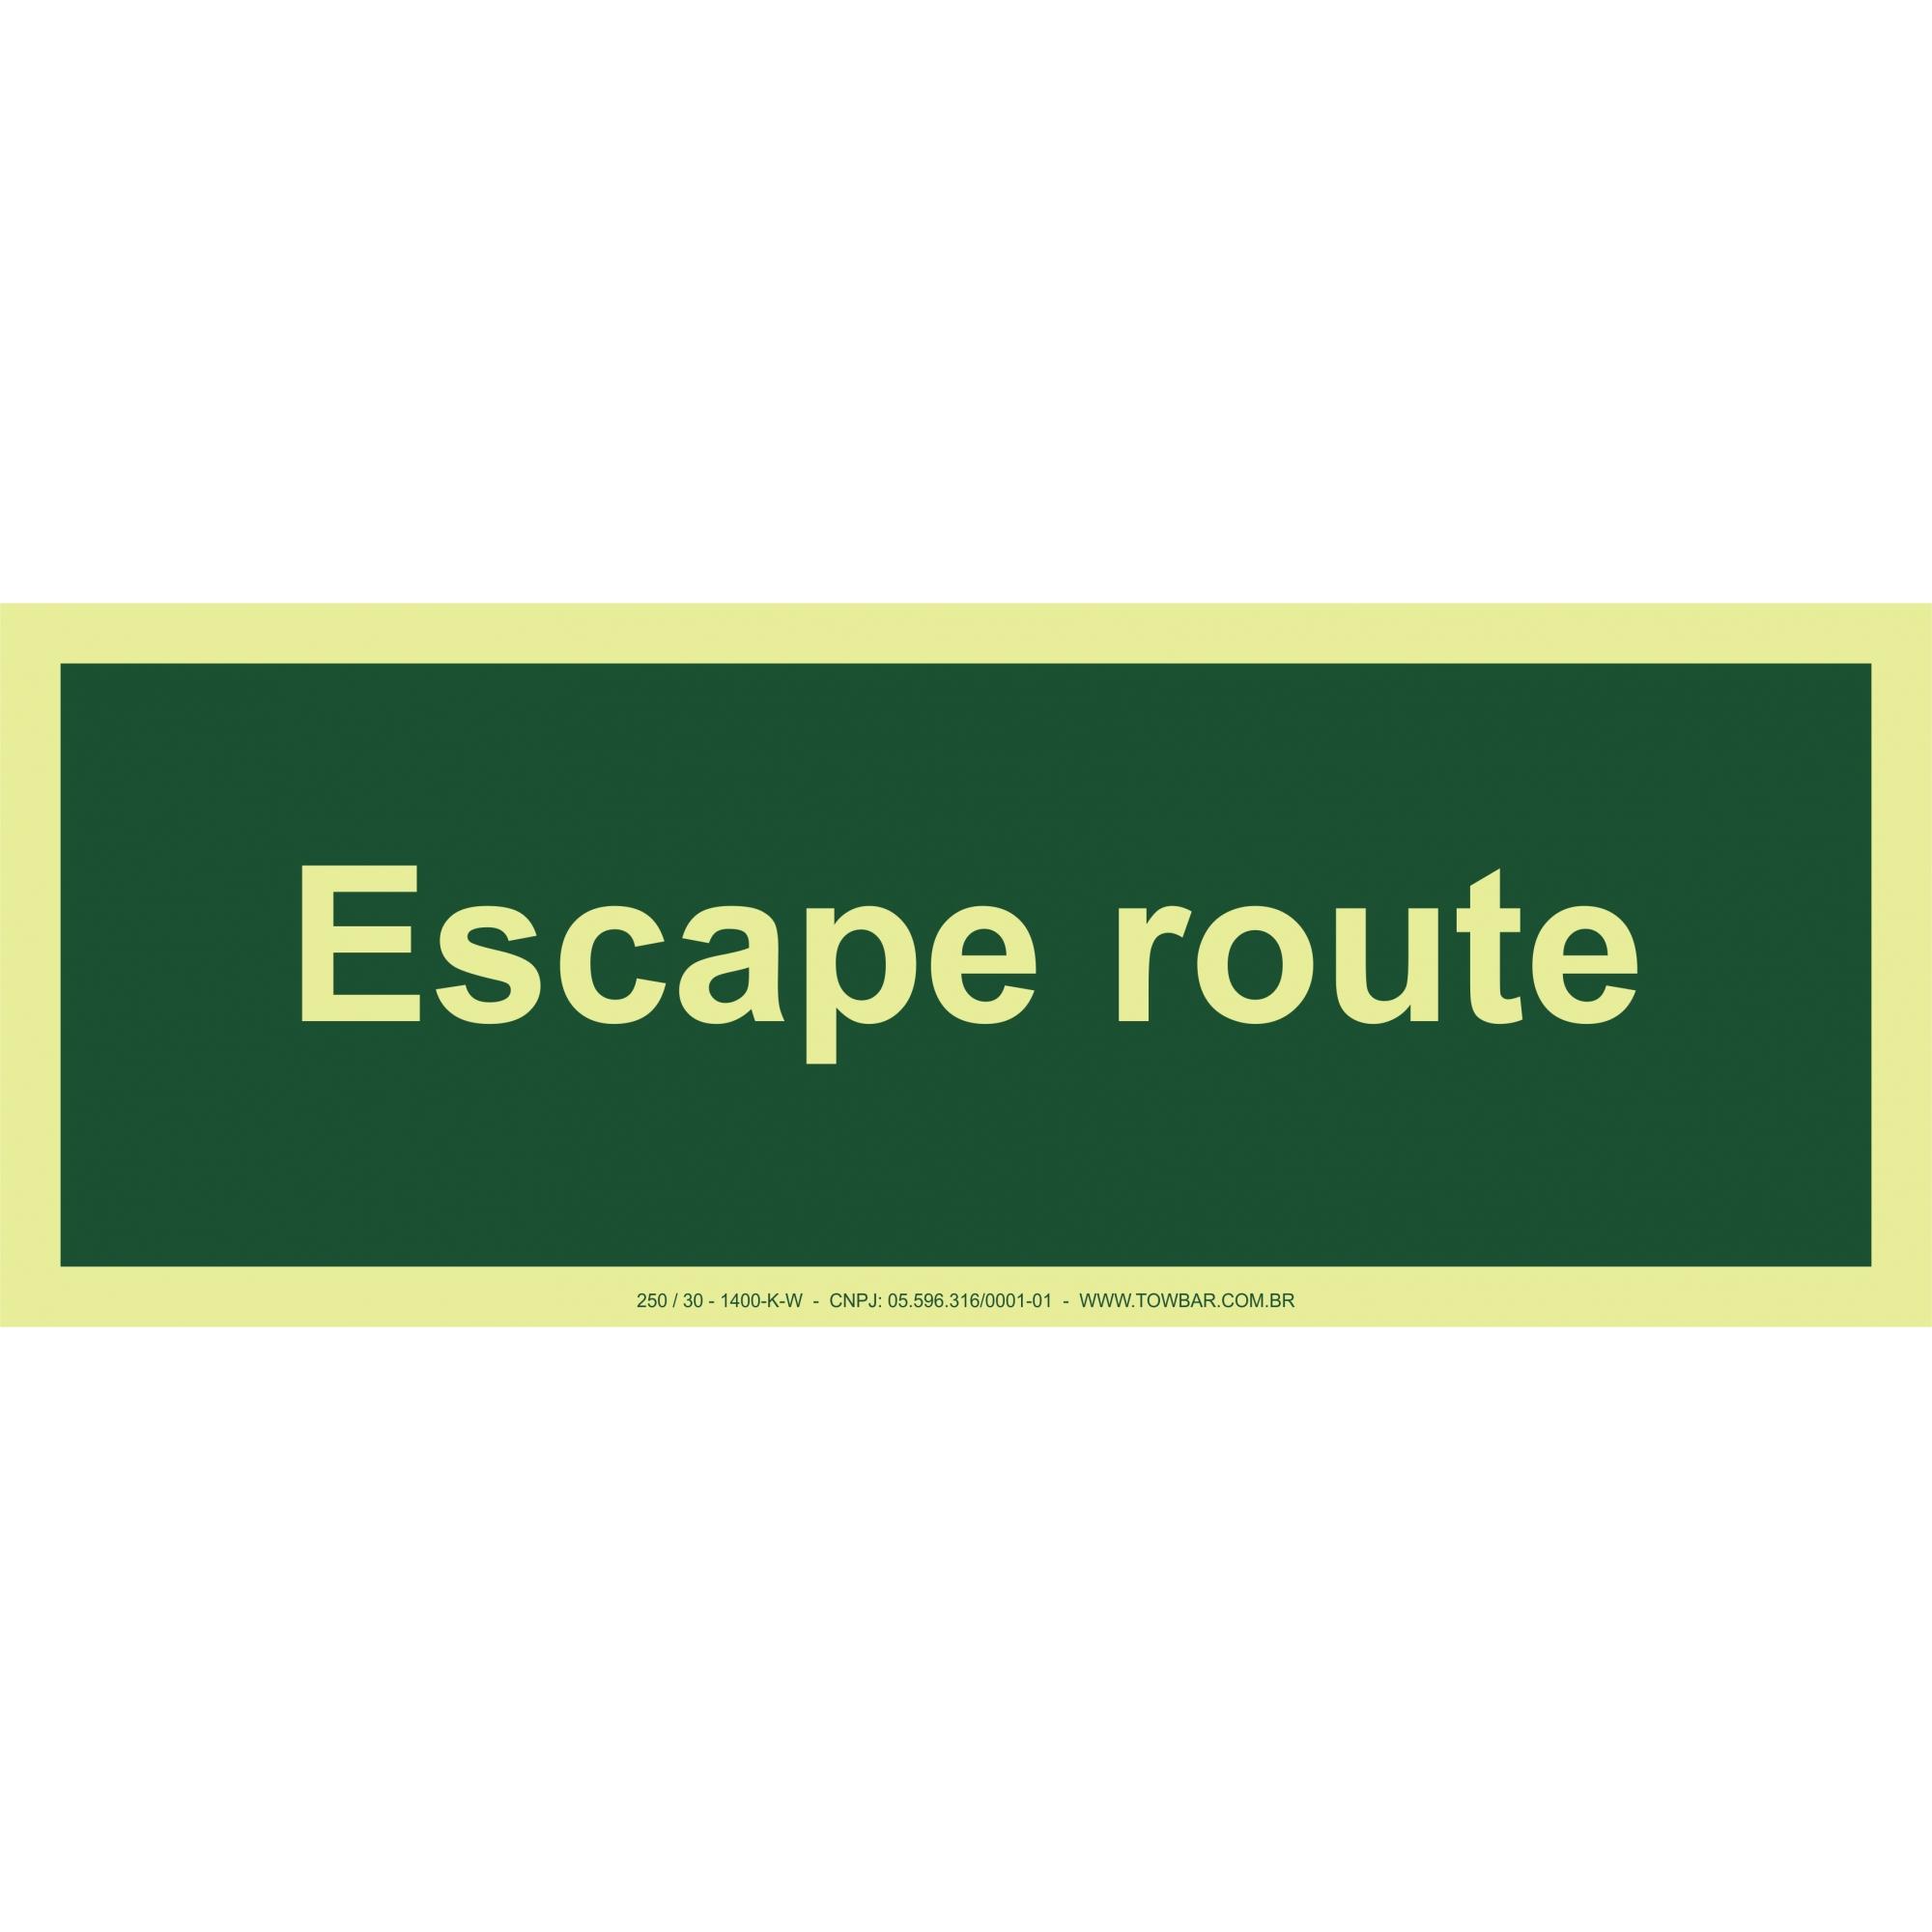 Escape Route  - Towbar Sinalização de Segurança